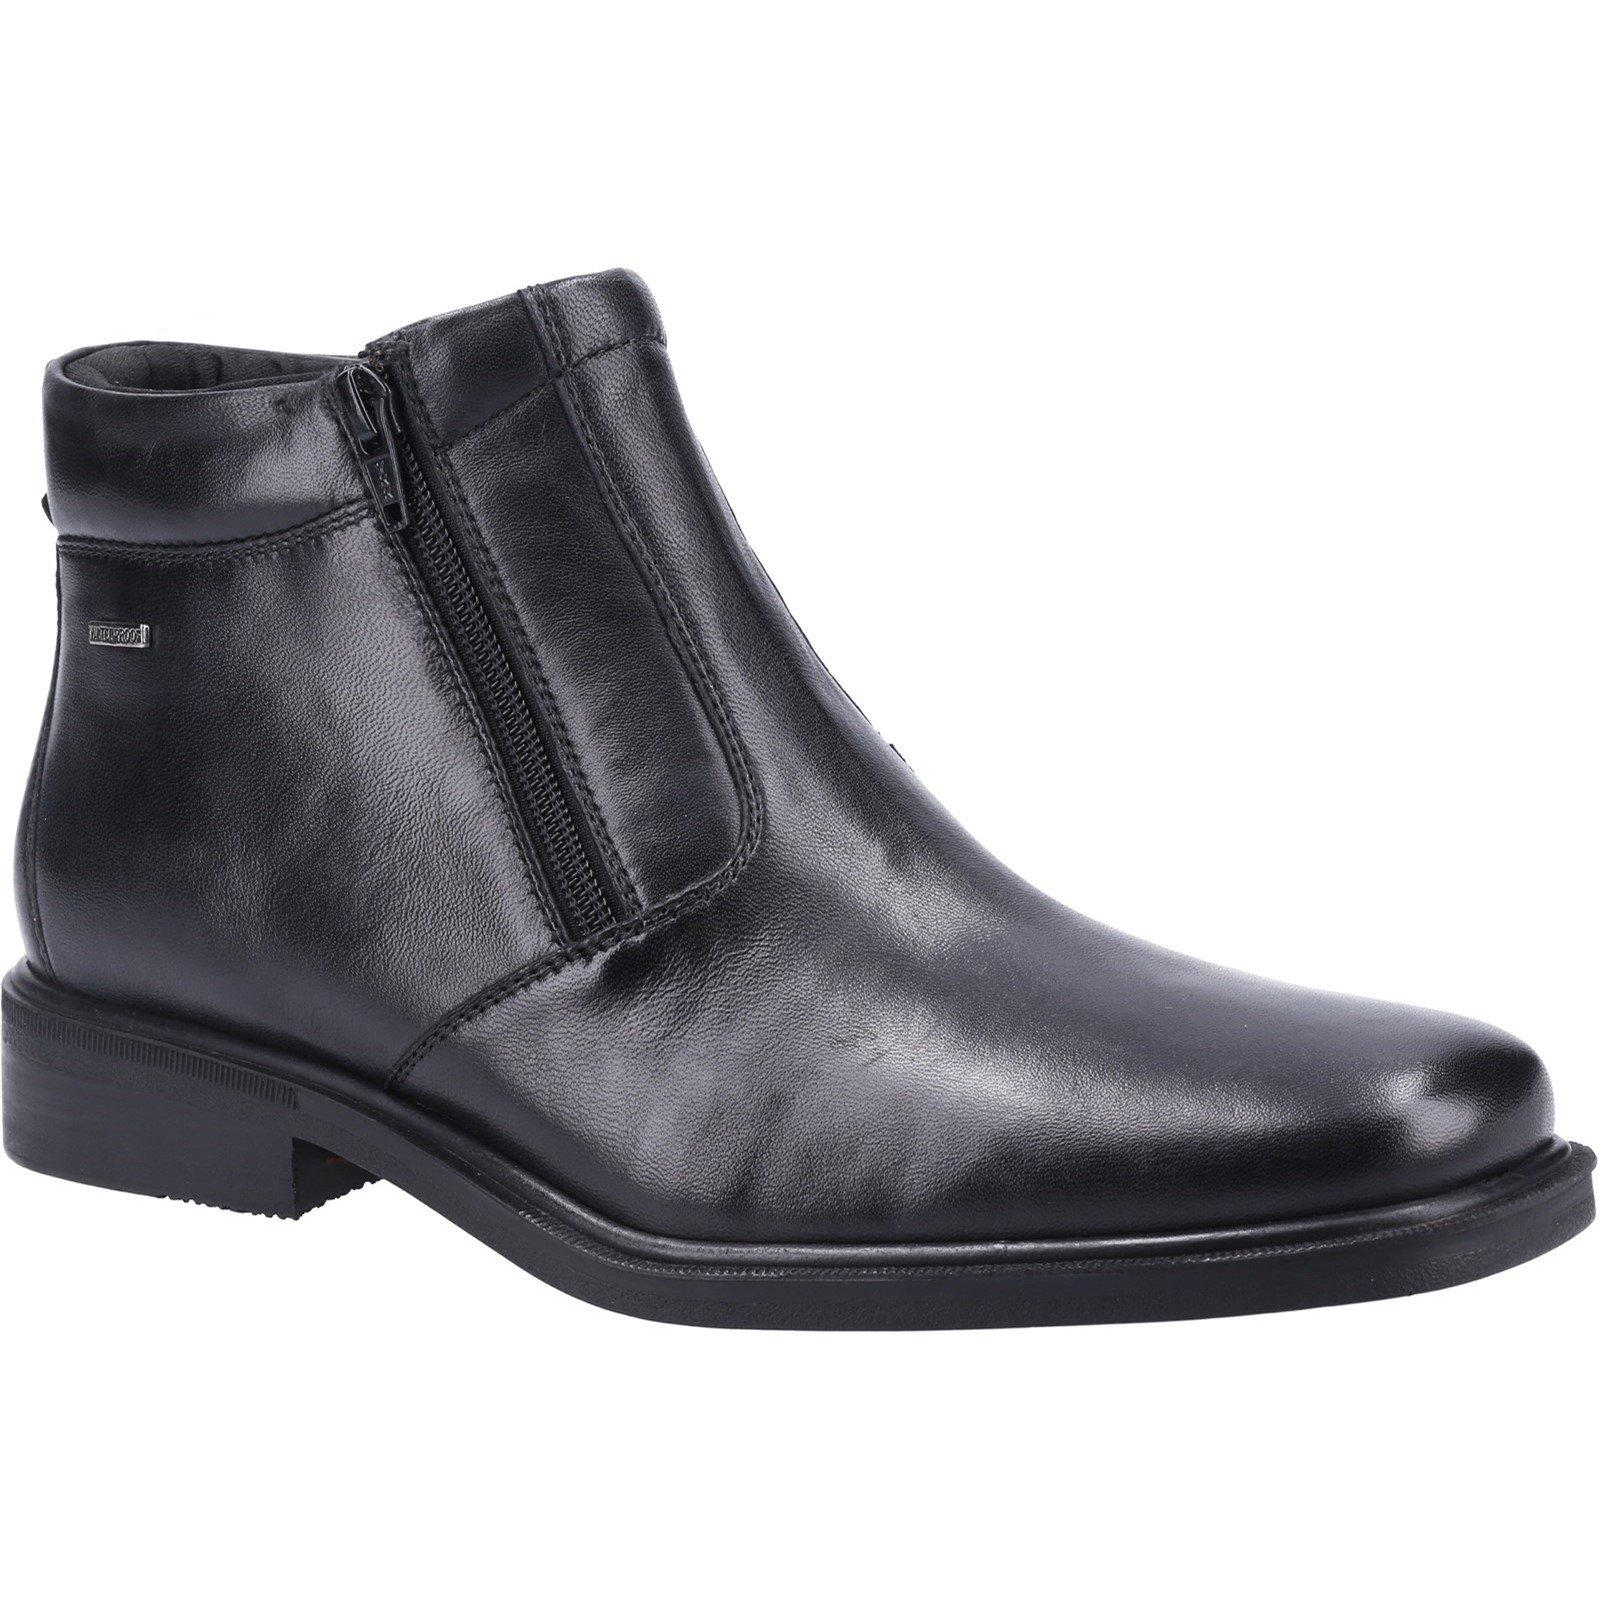 Cotswold Men's Kelmscott 2 Waterproof Boot Black 32972 - Black 10